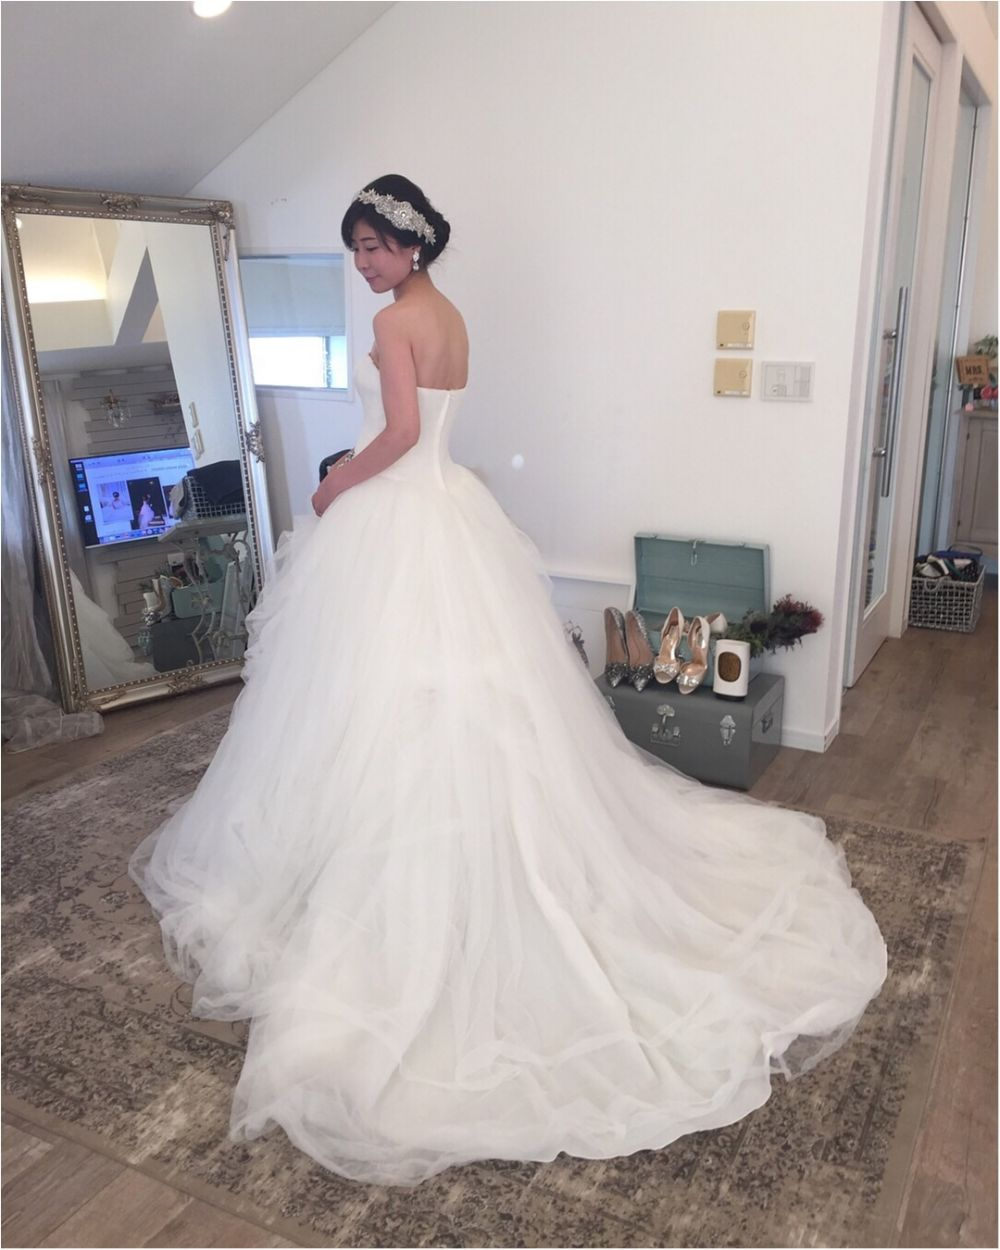 卒花さんに聞く【ドレス特集】-  結婚式・二次会におすすめ! プレ花嫁さんに人気のおしゃれなウェディングドレスは?_22